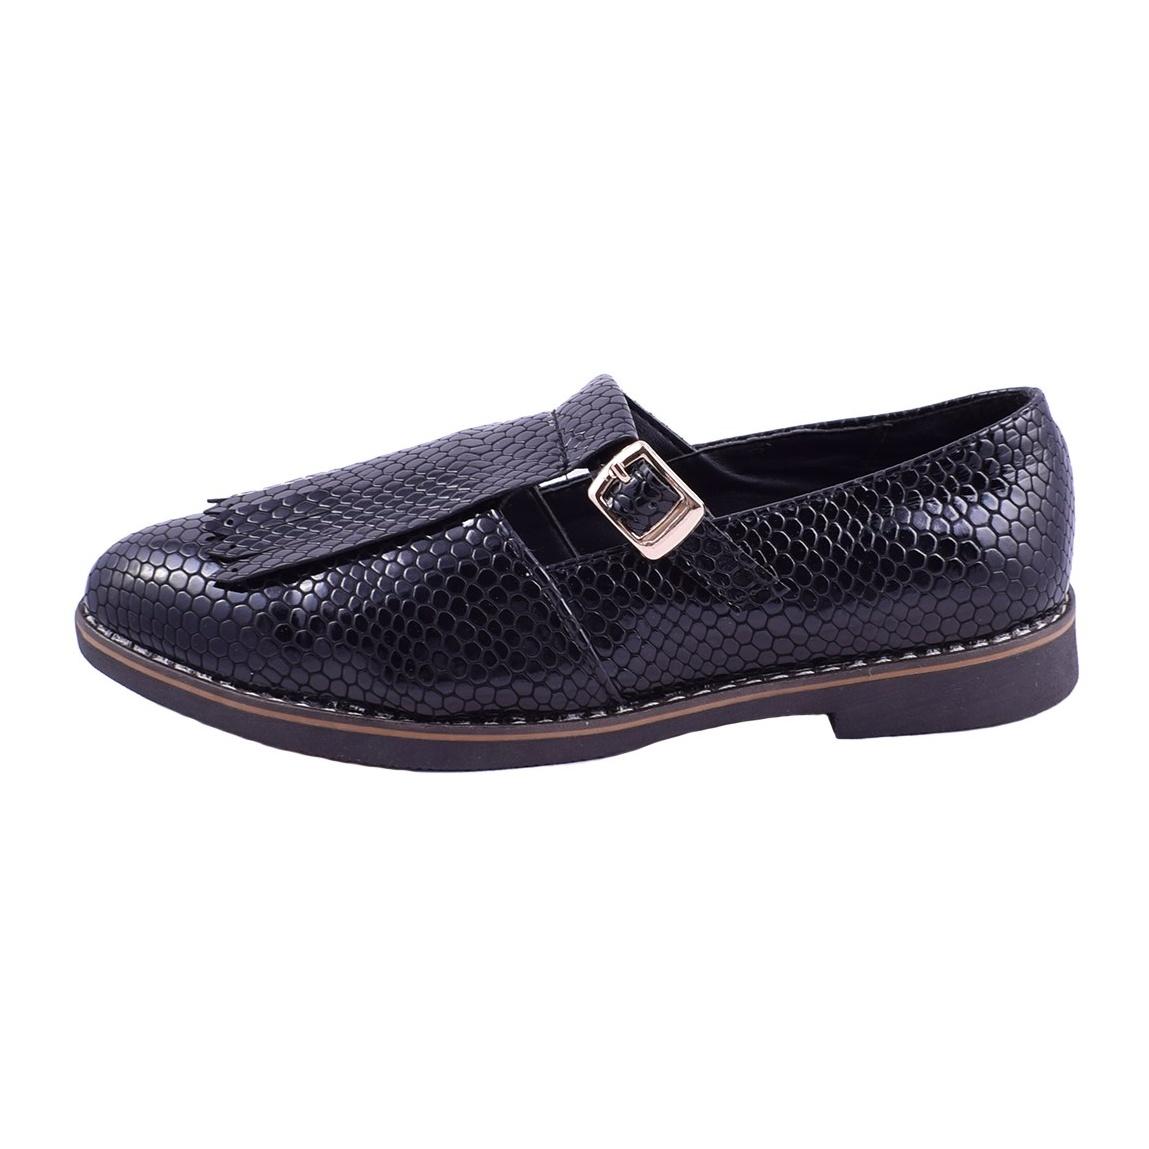 کفش اسپرت زنانه مدل بهار کد4322